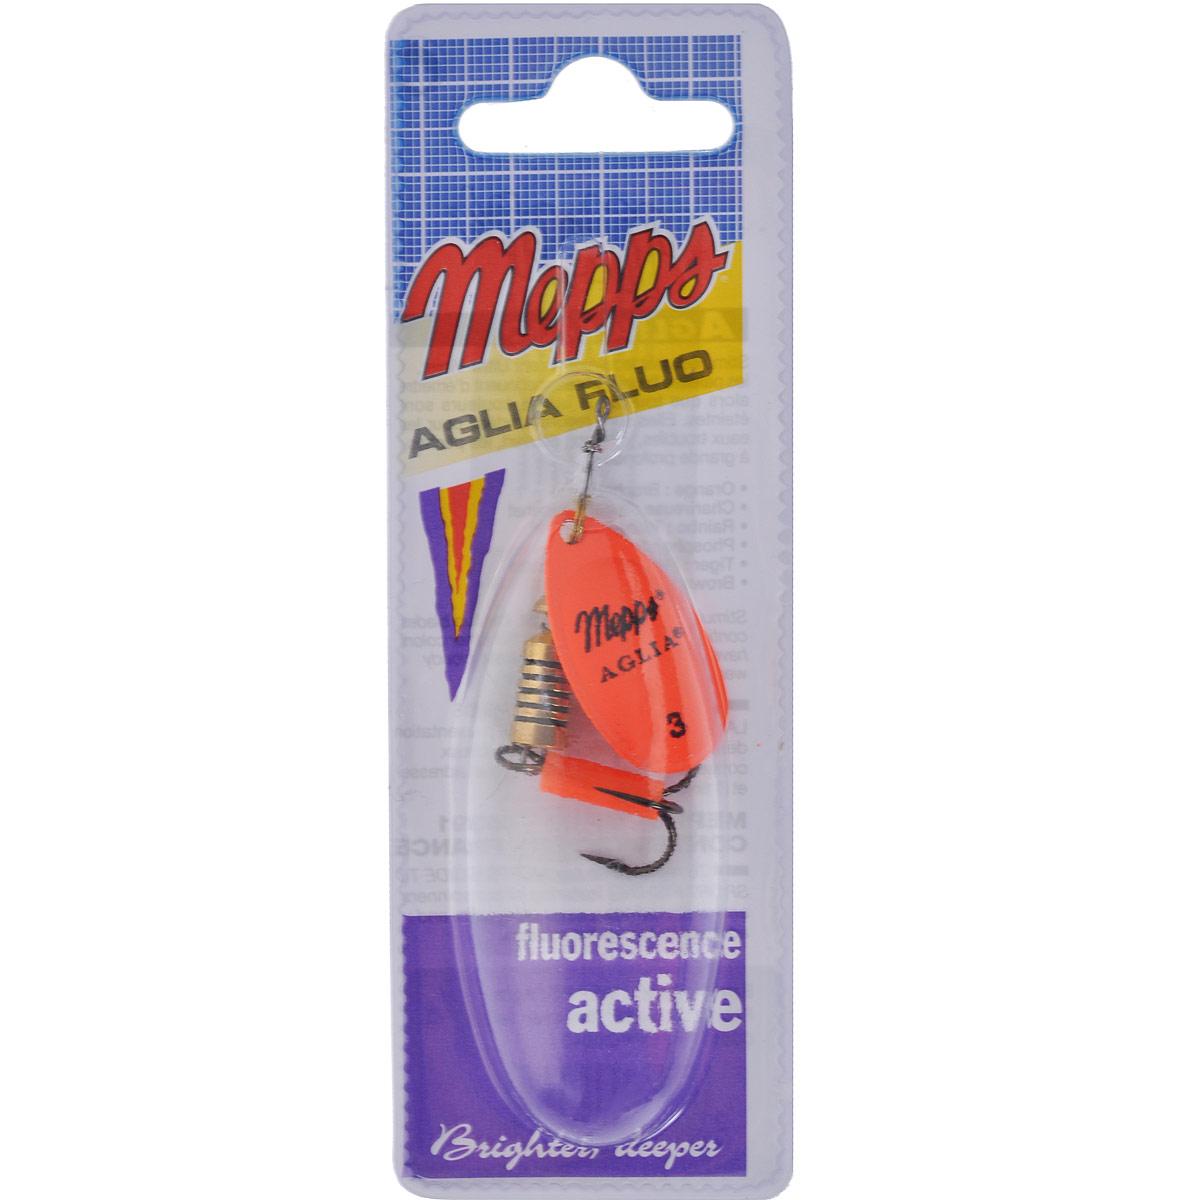 Блесна Mepps Aglia Fluo Orange, вращающаяся, №35774Вращающаяся блесна Mepps Aglia Fluo Orange выполнена в виде лепестка оранжевого неонового окраса, дающего преимущество при ловле рыбы в темное время суток, на большой глубине и в мутной воде. Такая блесна отлично видна даже при освещении ультрафиолетовыми лучами, доходящими до самых больших глубин. Стимулированная ультрафиолетом, она продолжает еще долго светиться.